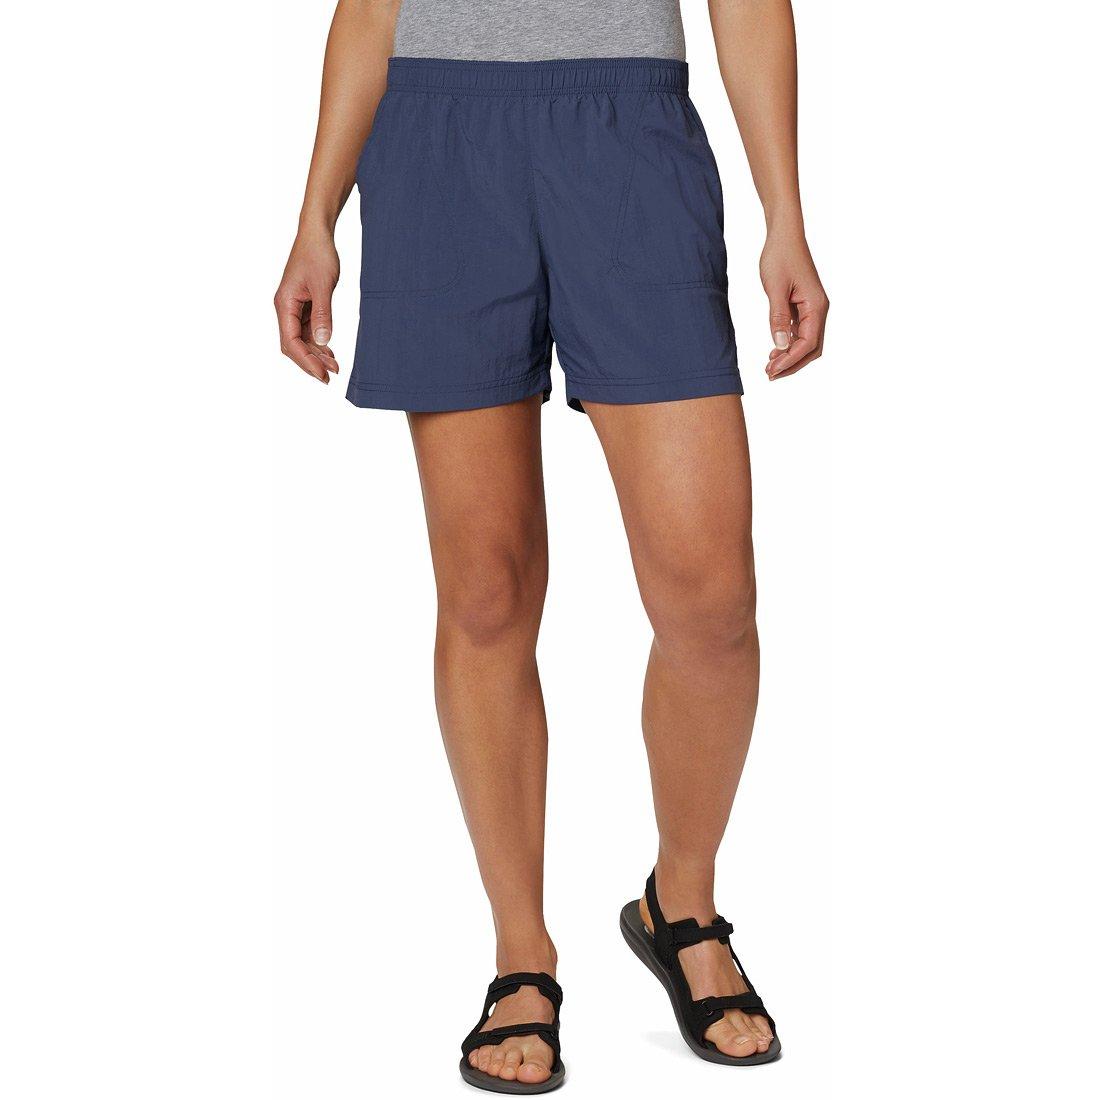 מכנסי טיולים קצרים לנשים - Sandy River Short - Columbia